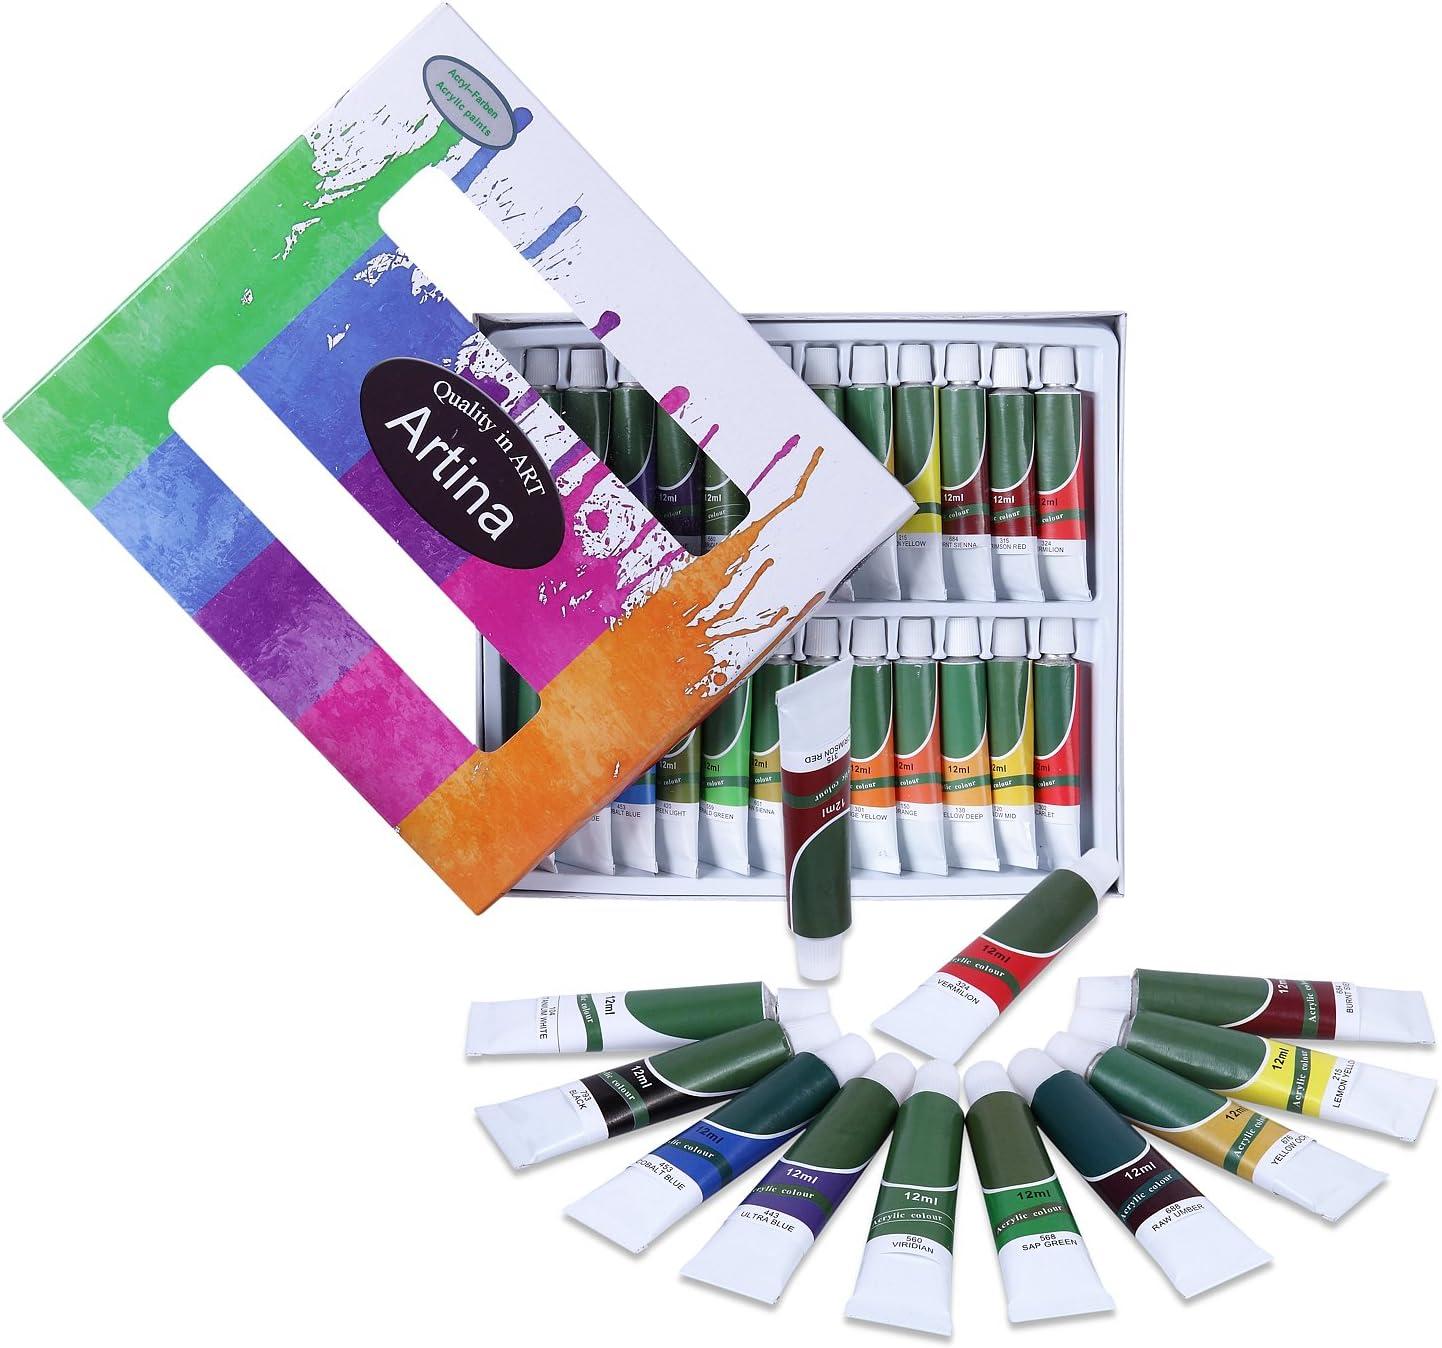 Artina Kit per Pittura acrilica con 12 Colori acrilici 1 Set da 15 pennelli 1 tavolozza per artisti pittori Belle Arti